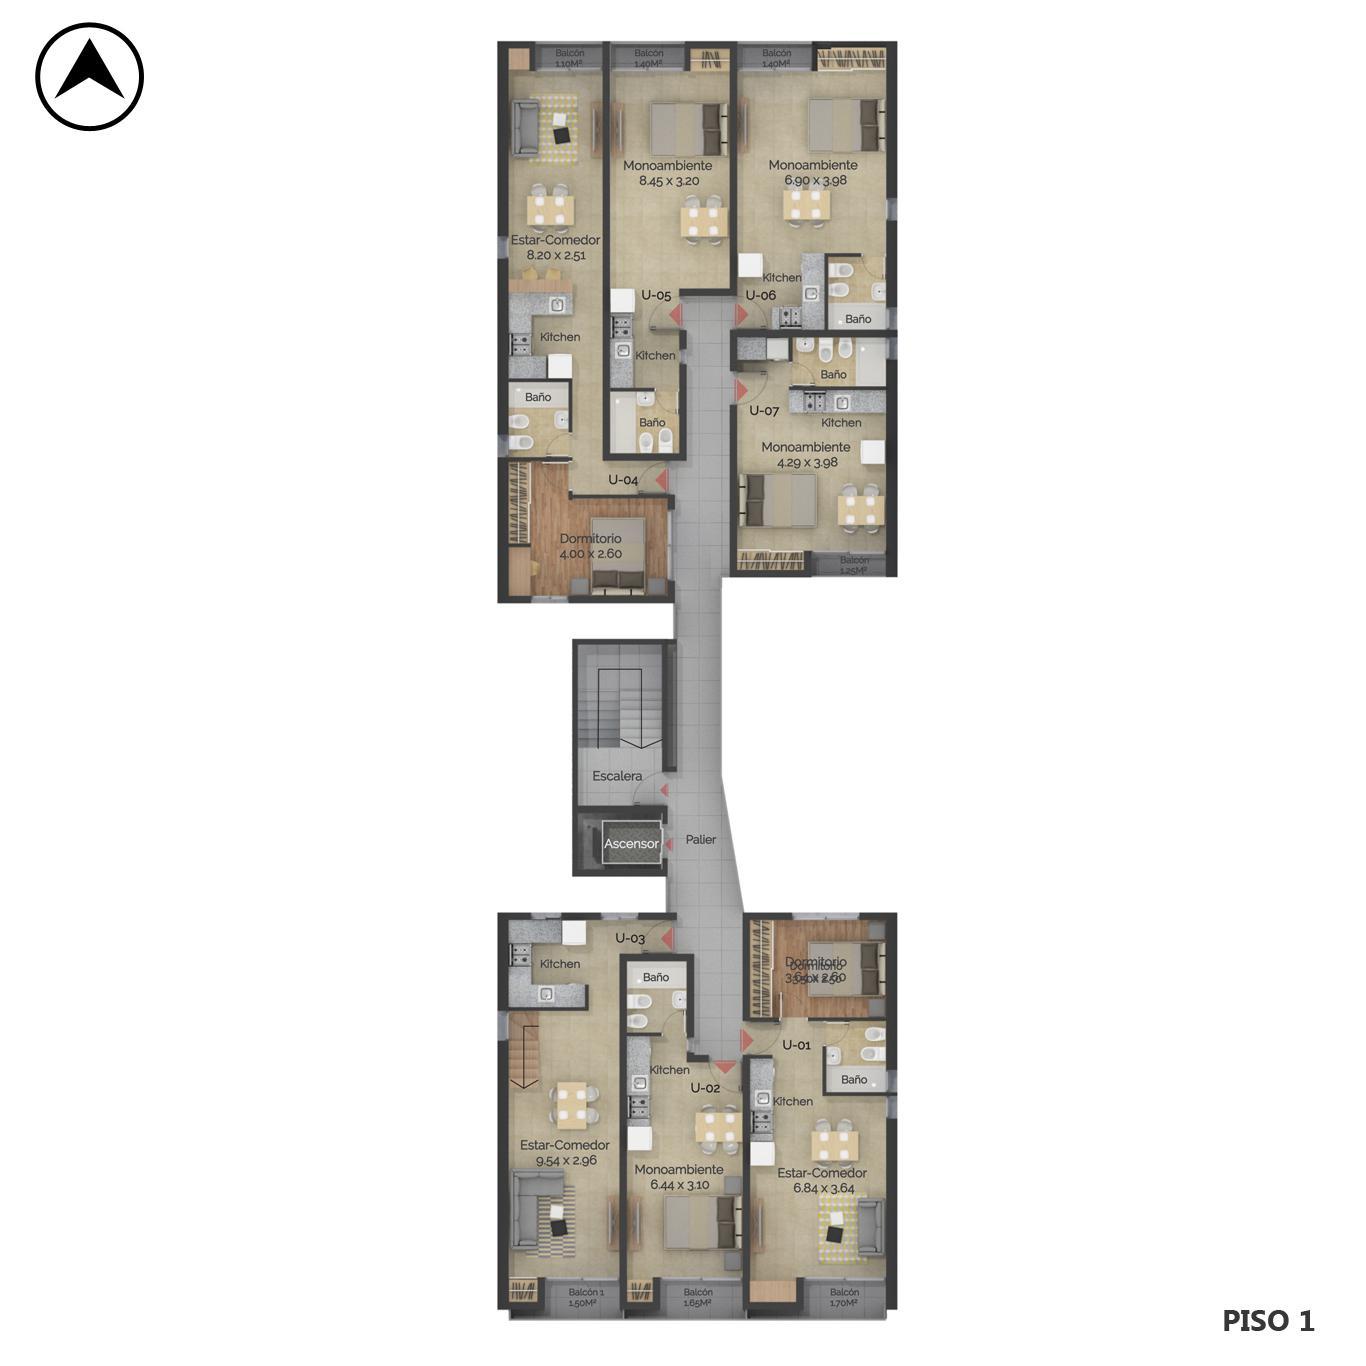 Venta departamento 1 dormitorio Rosario, Centro Oeste. Cod CBU24040 AP2247841. Crestale Propiedades